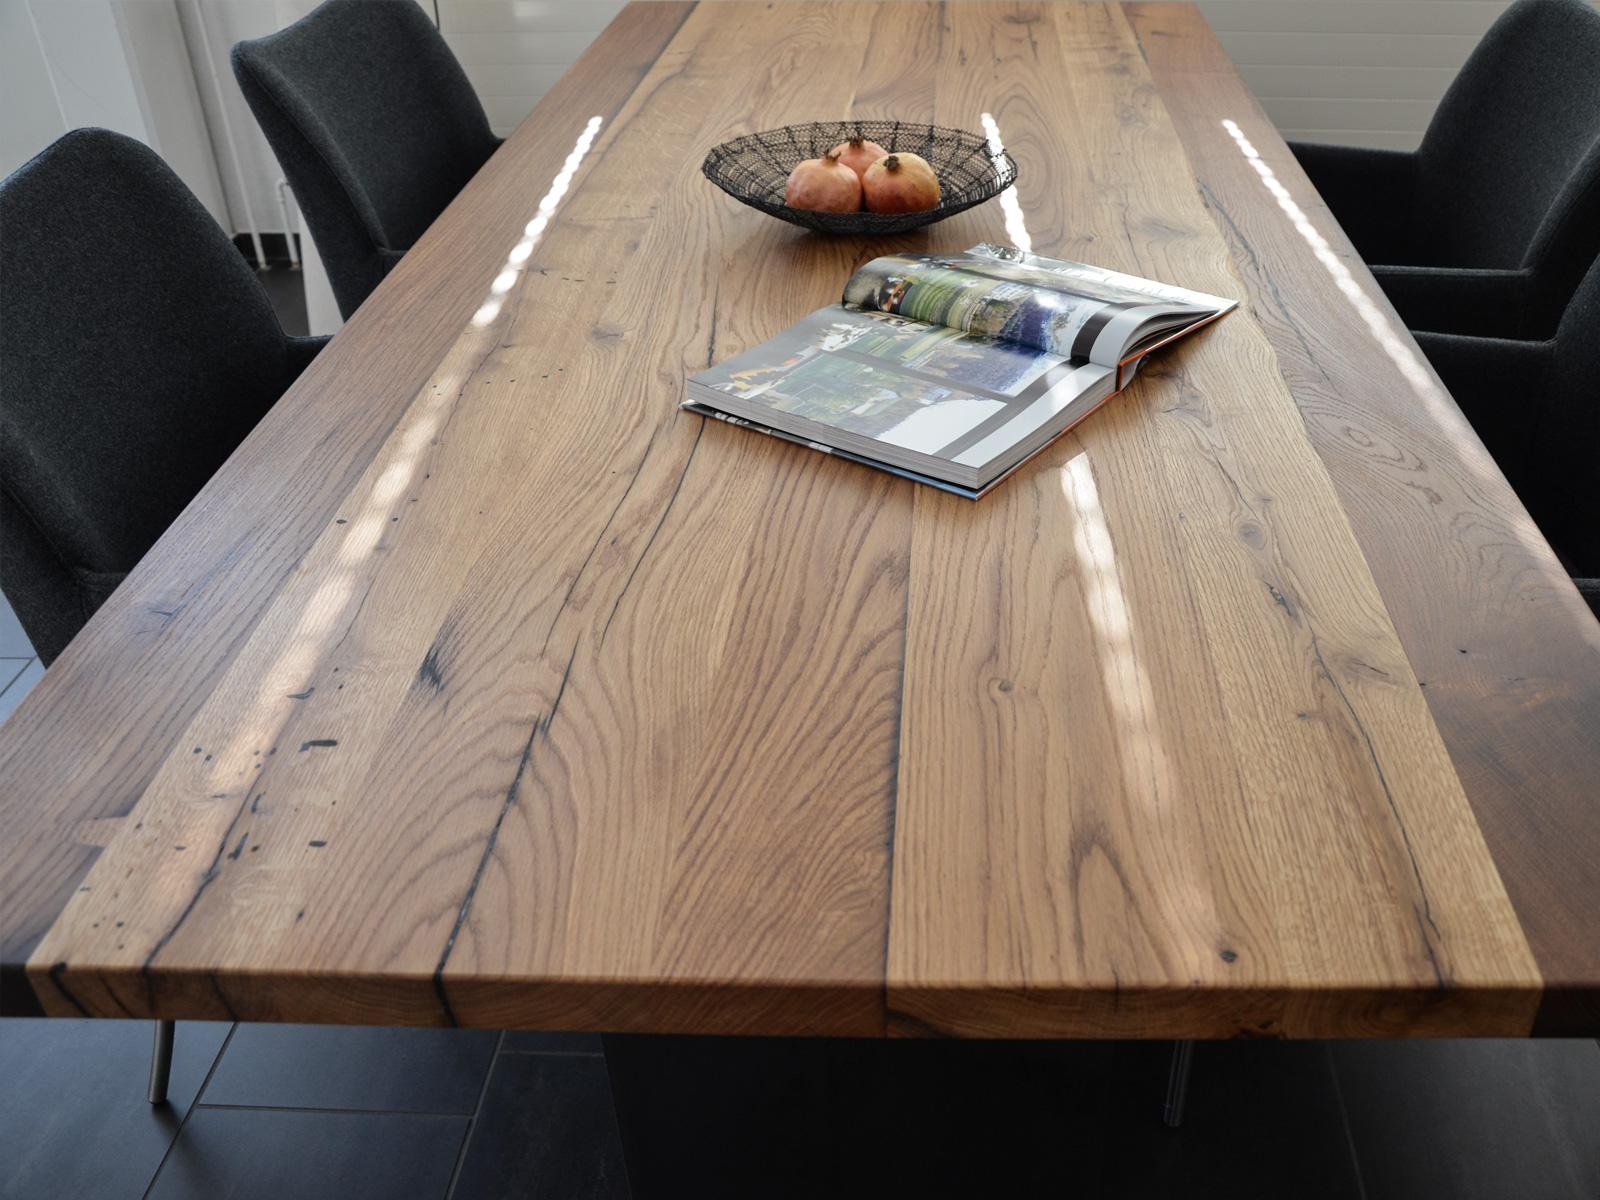 100-jährige Eiche - Altholz - Jeder Tisch ist ein Unikat